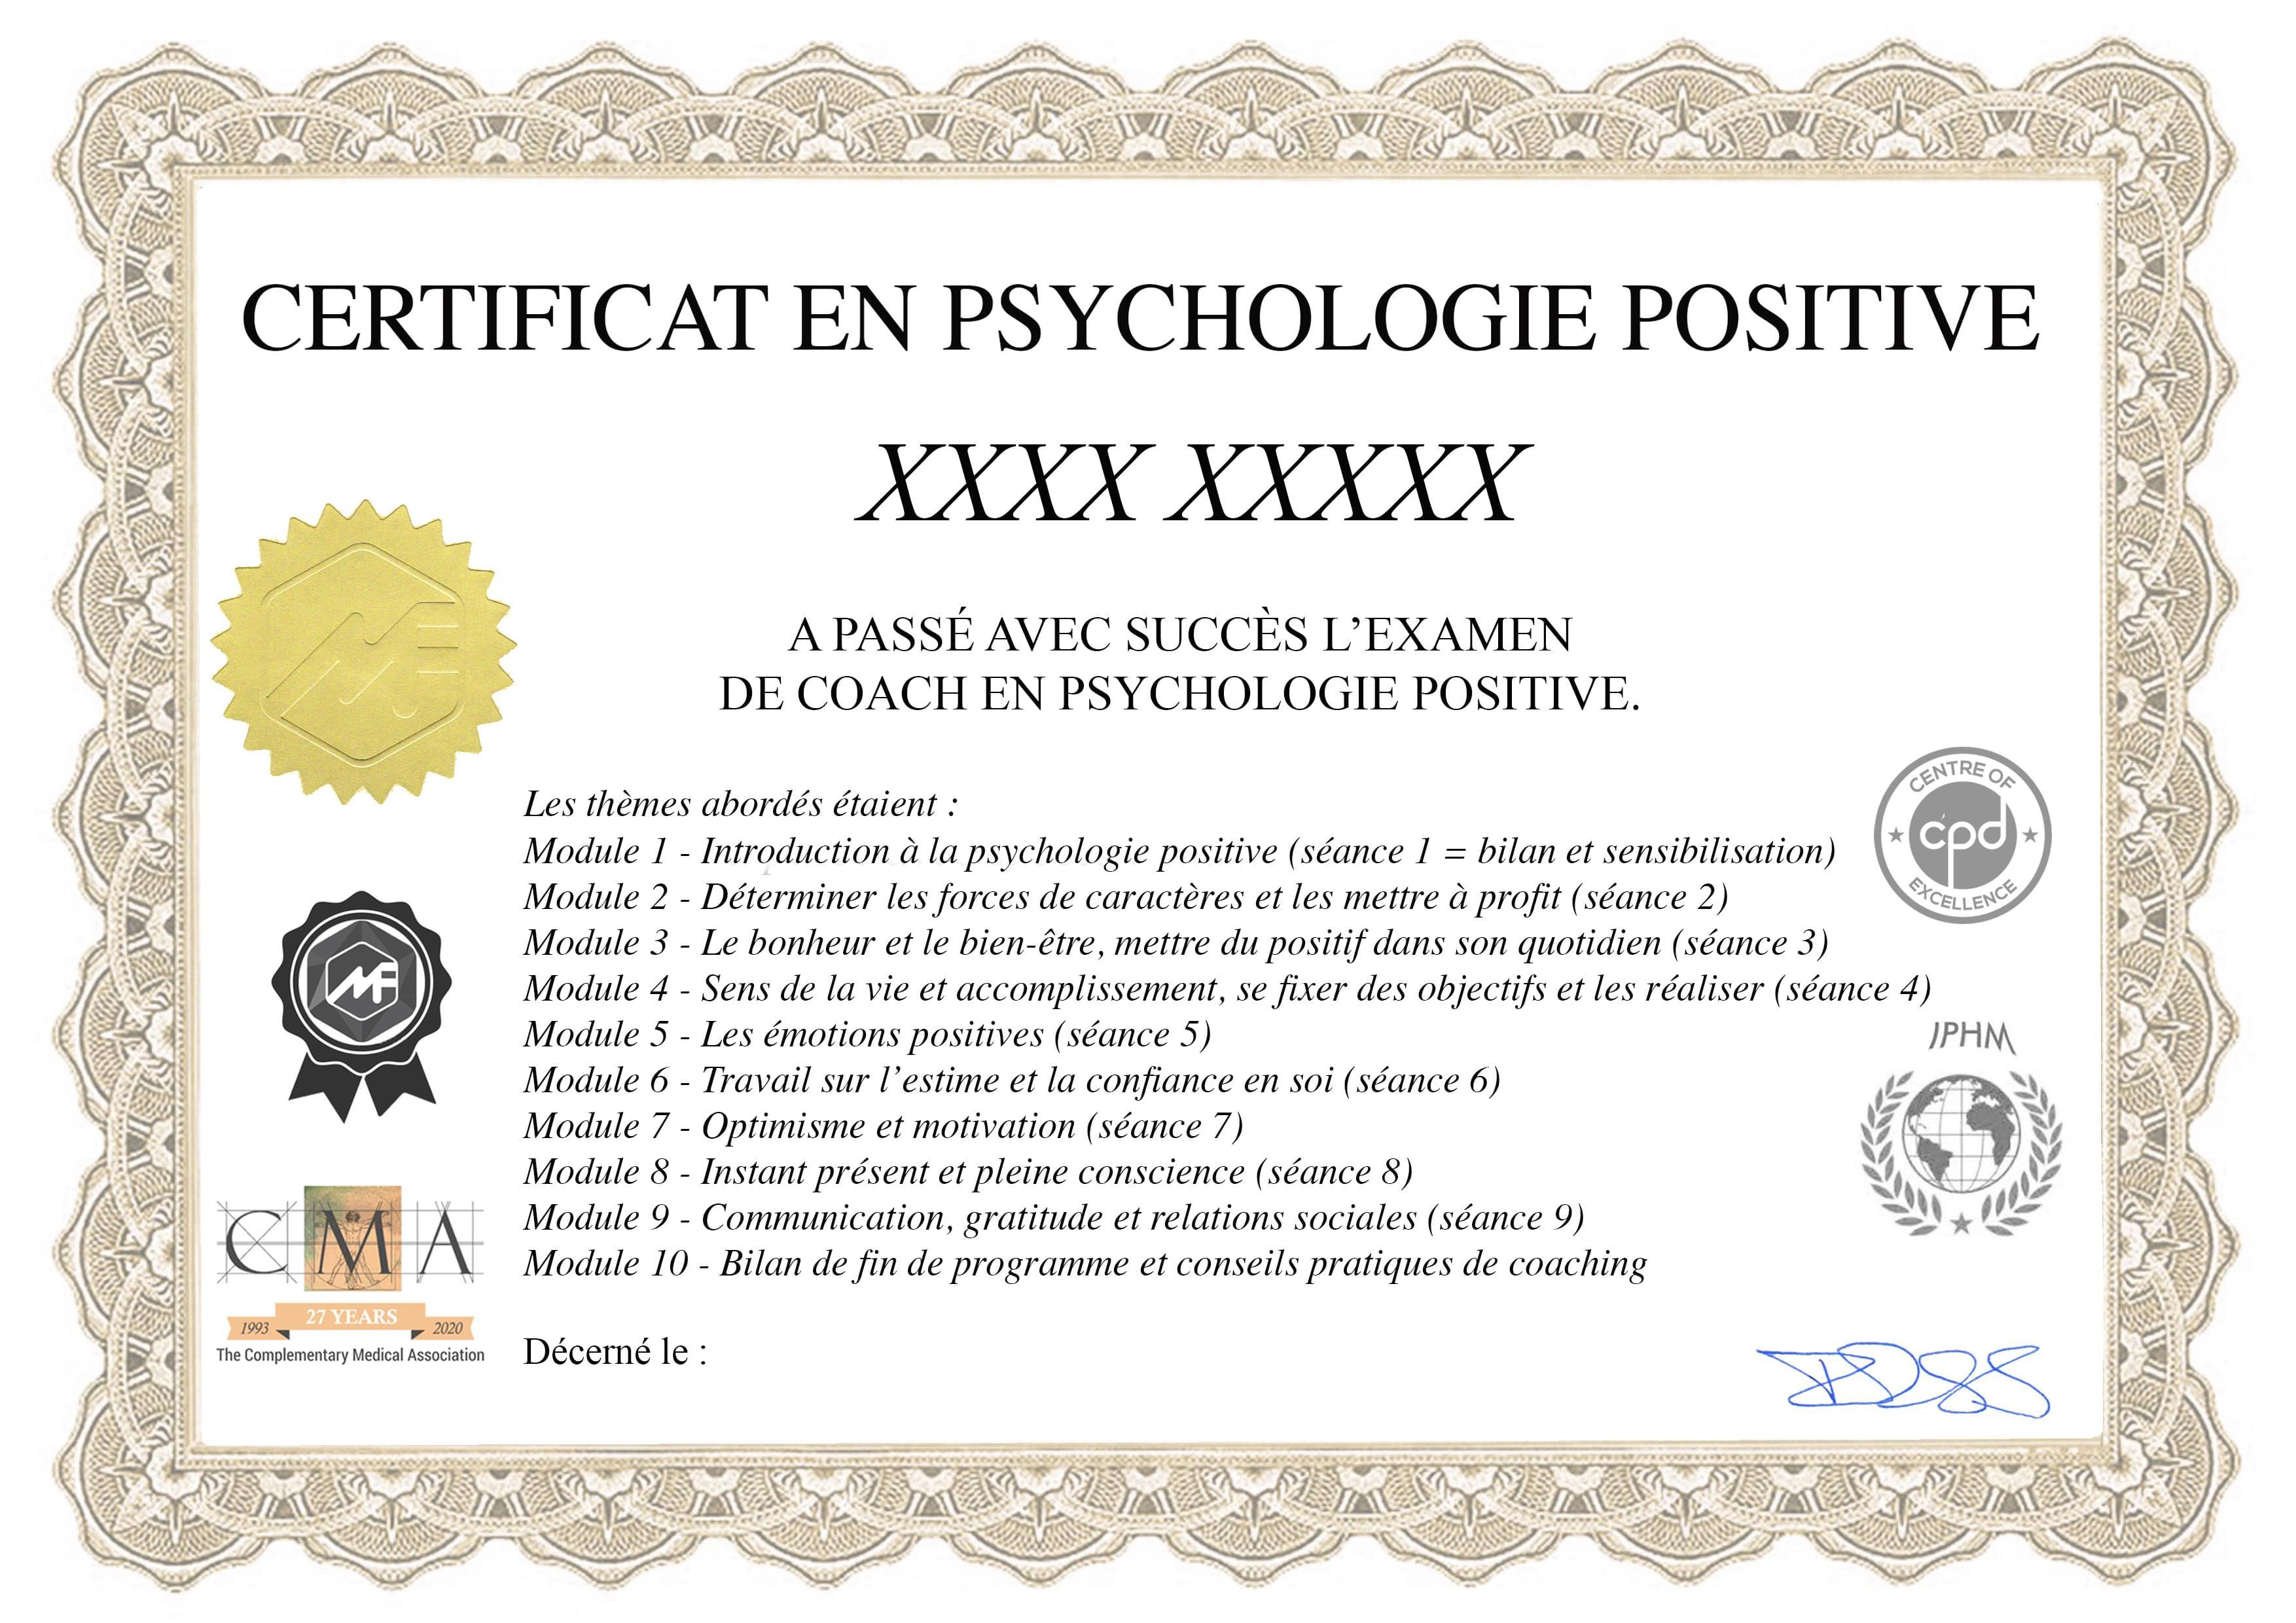 certificat, psychologie positive, coach, coaching, formation, en ligne, certification